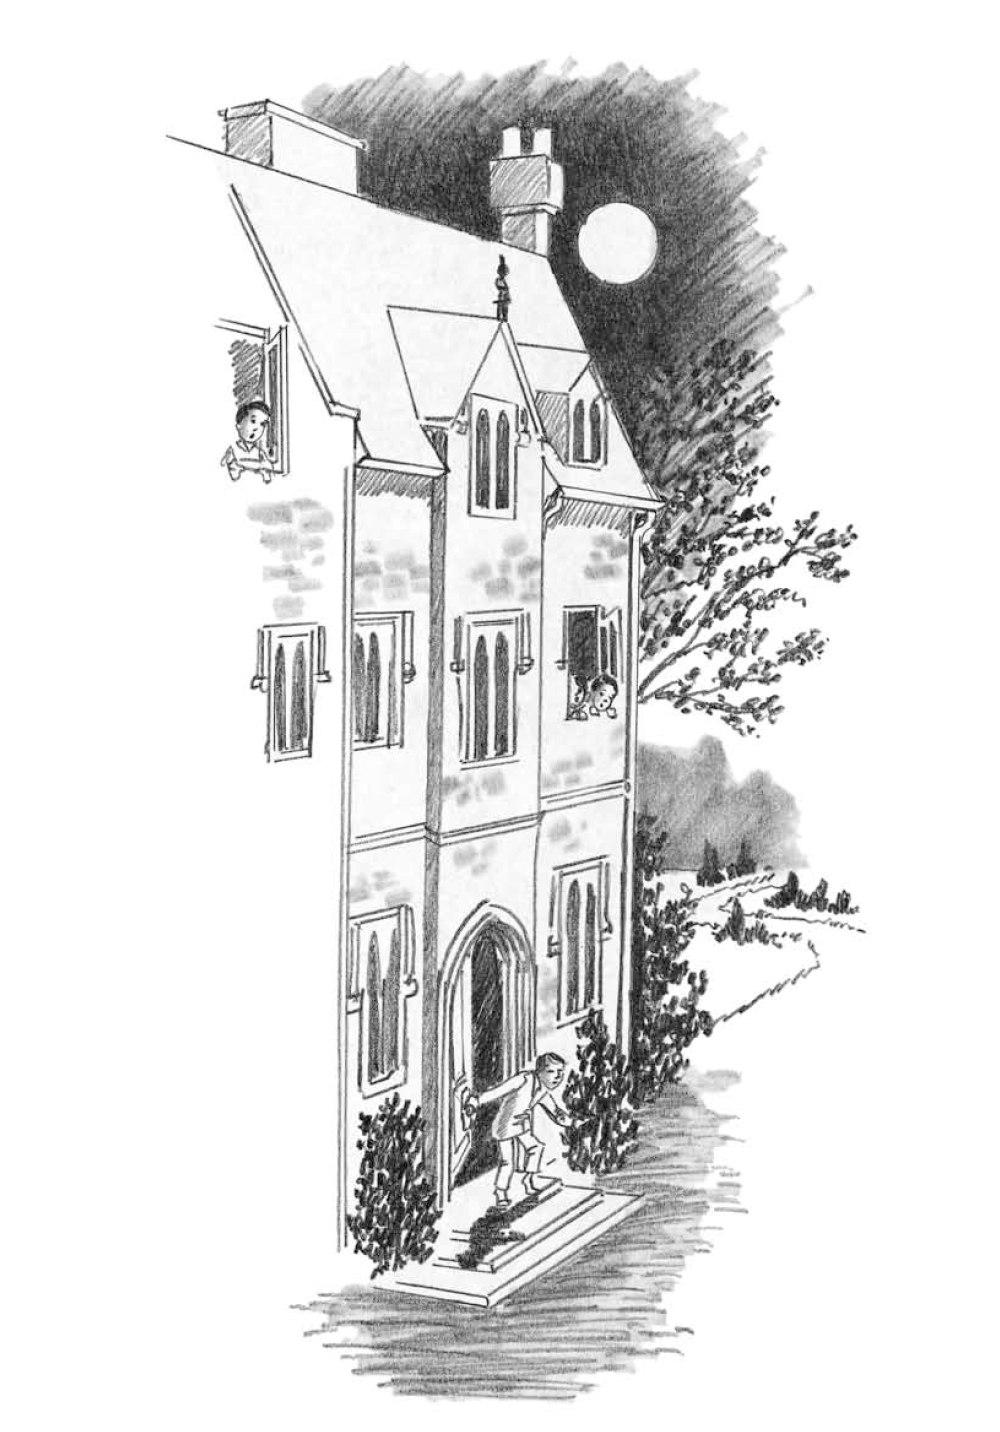 Чарльз Дарвин иллюстрированная биография для детей